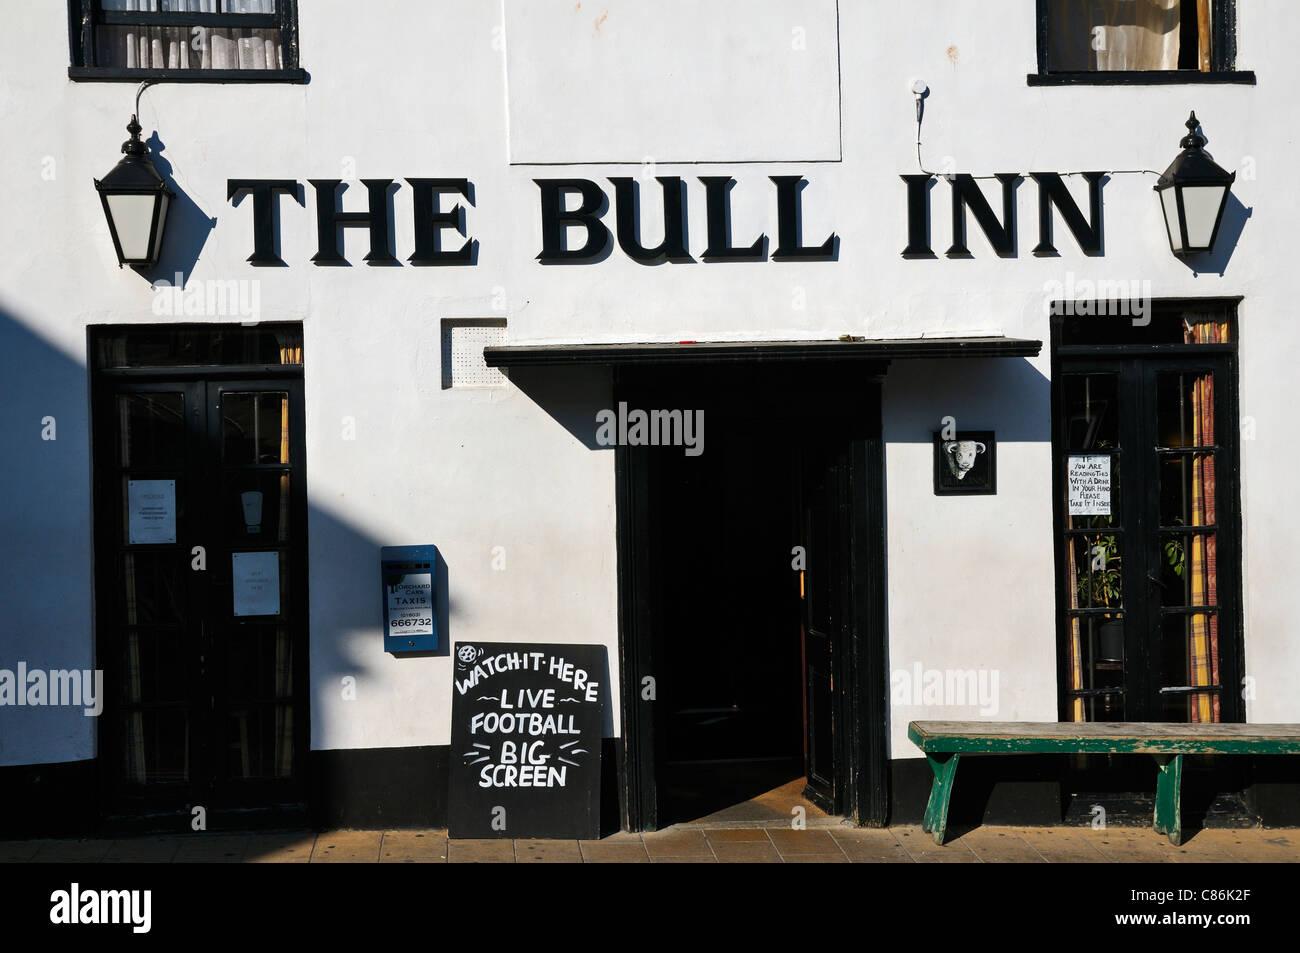 The Bull Inn, Totnes, Devon, UK - Stock Image